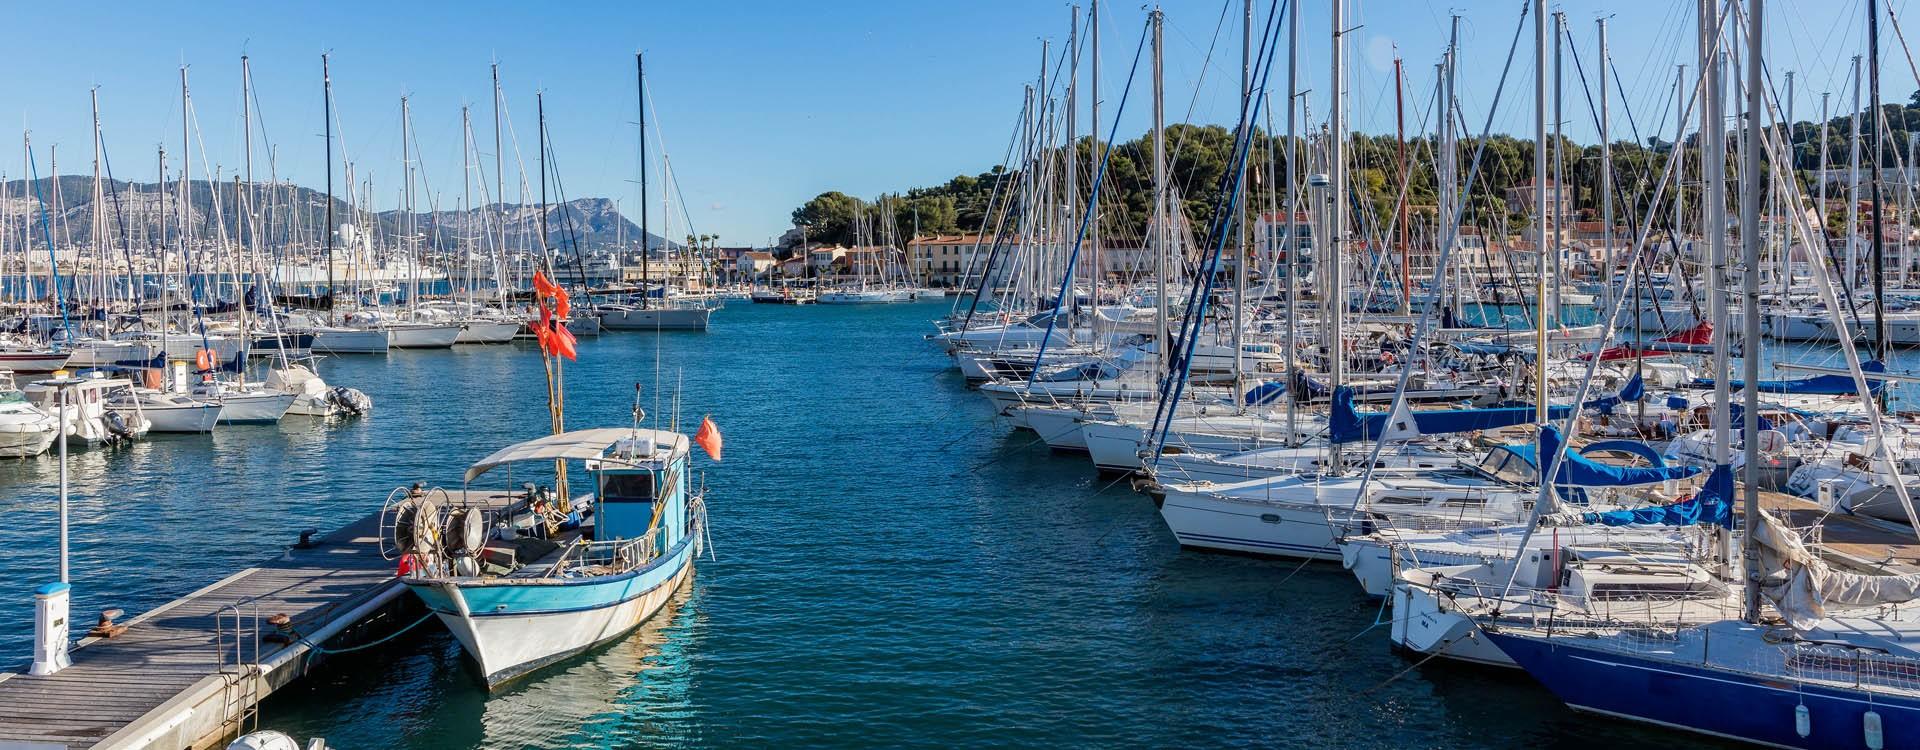 Saint-Mandrier harbour